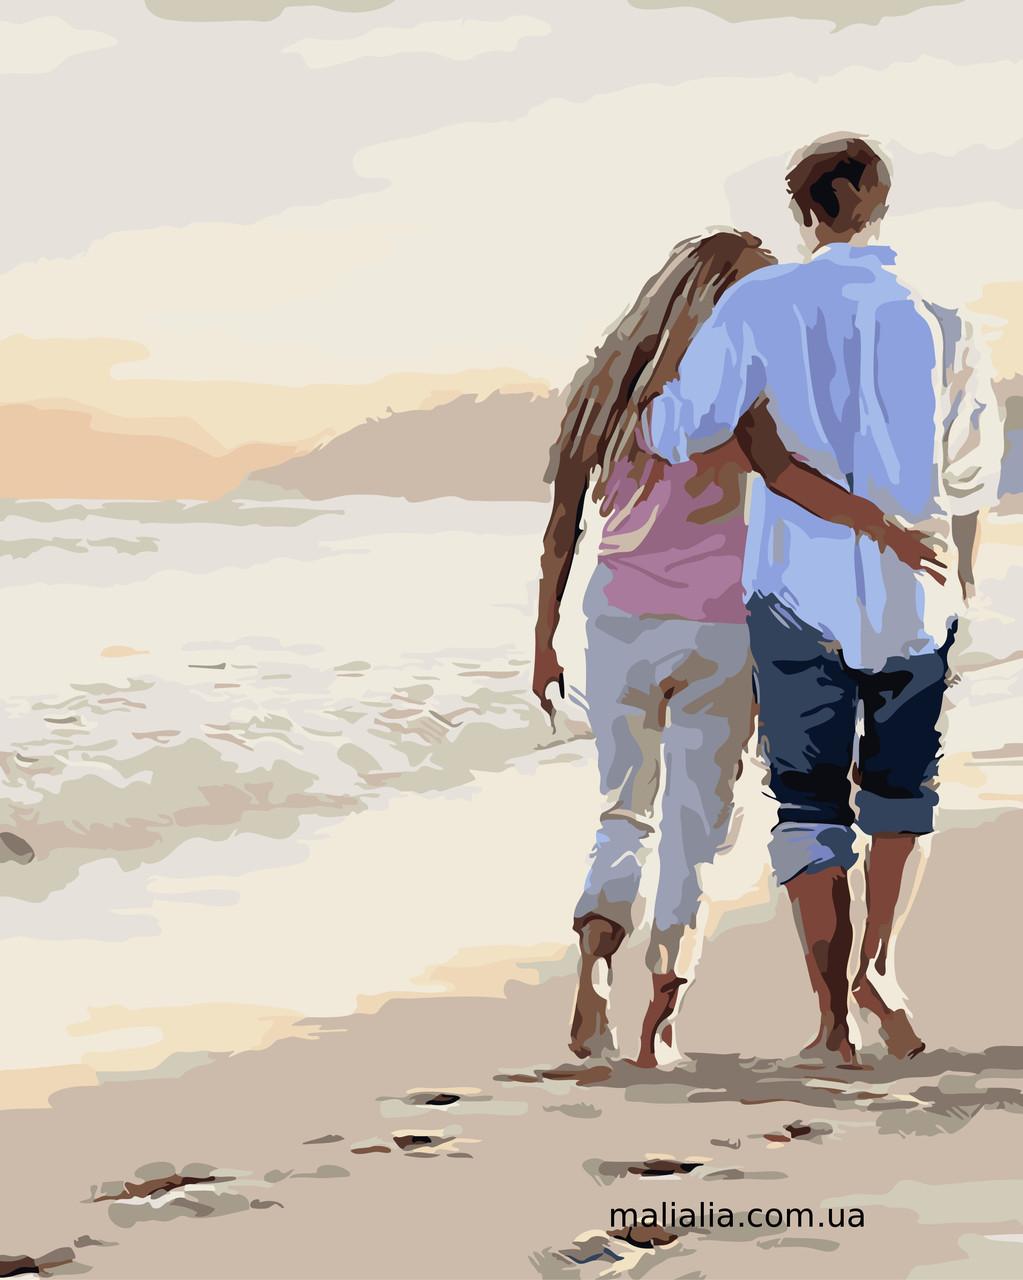 Картины по номерам 40*50 см В КОРОБКЕ Прогулка по пляжу Artstory